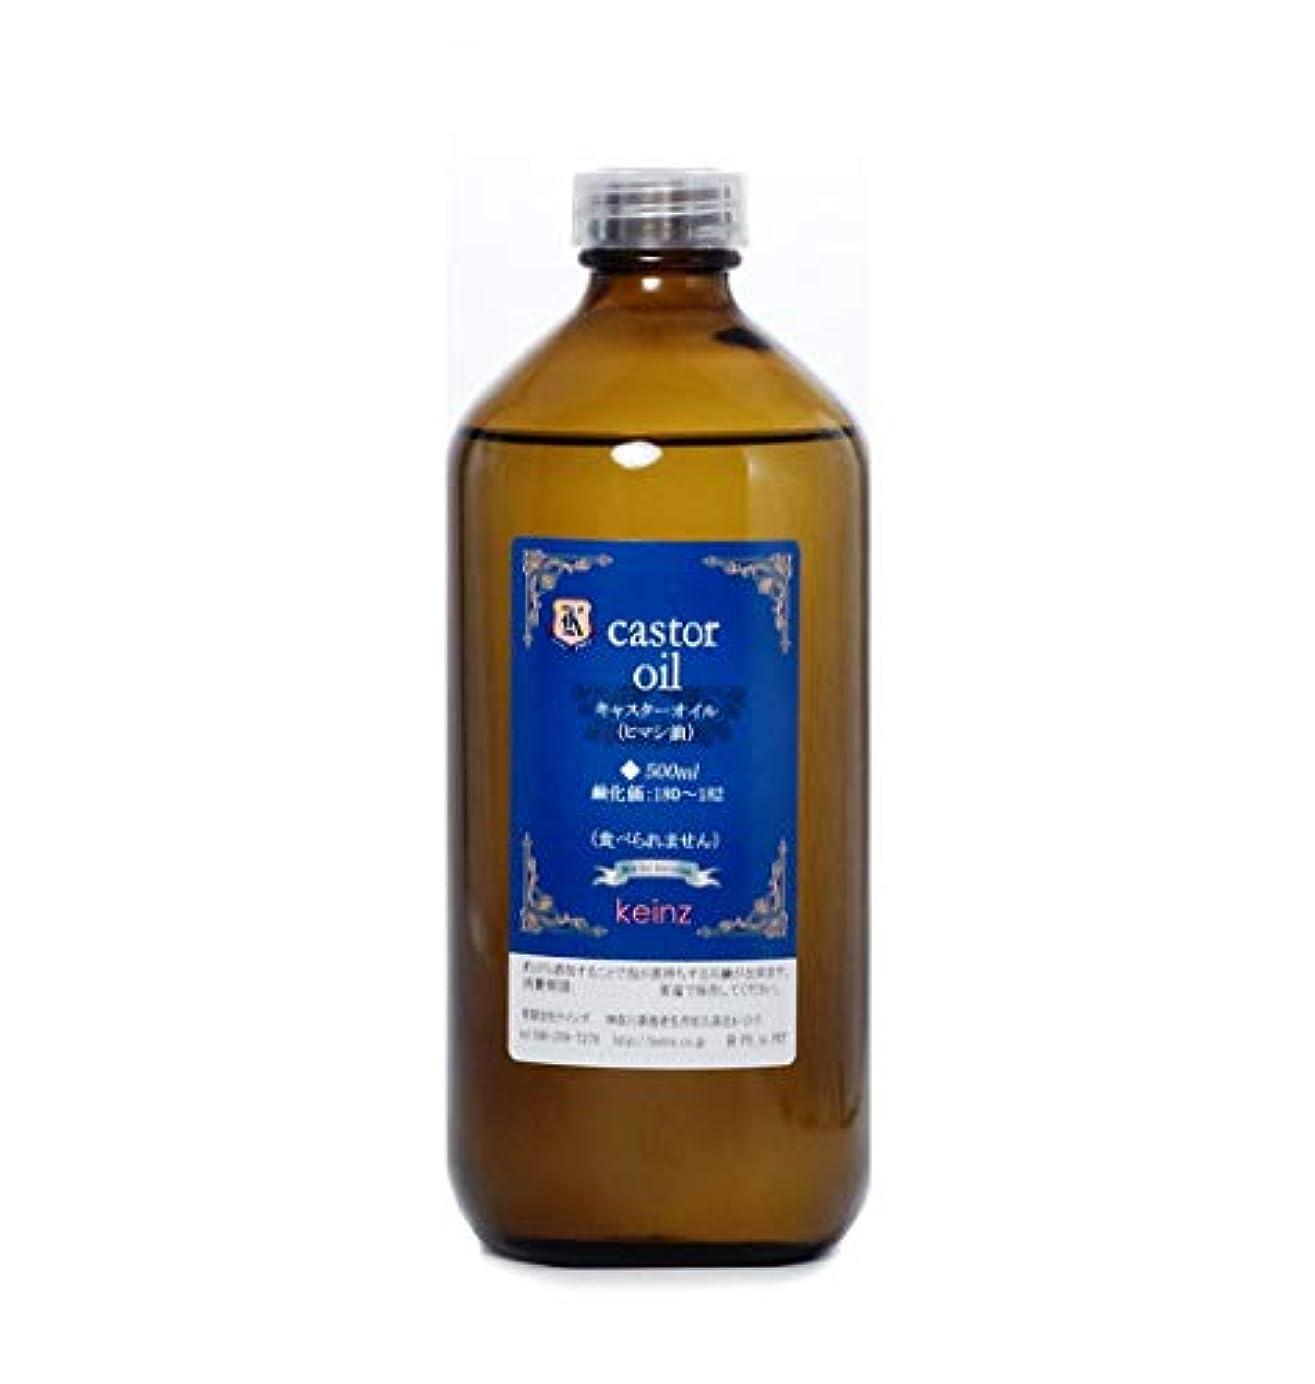 シーズン備品リファインkeinz 良質 天然キャスターオイル(ヒマシ油) 500ml